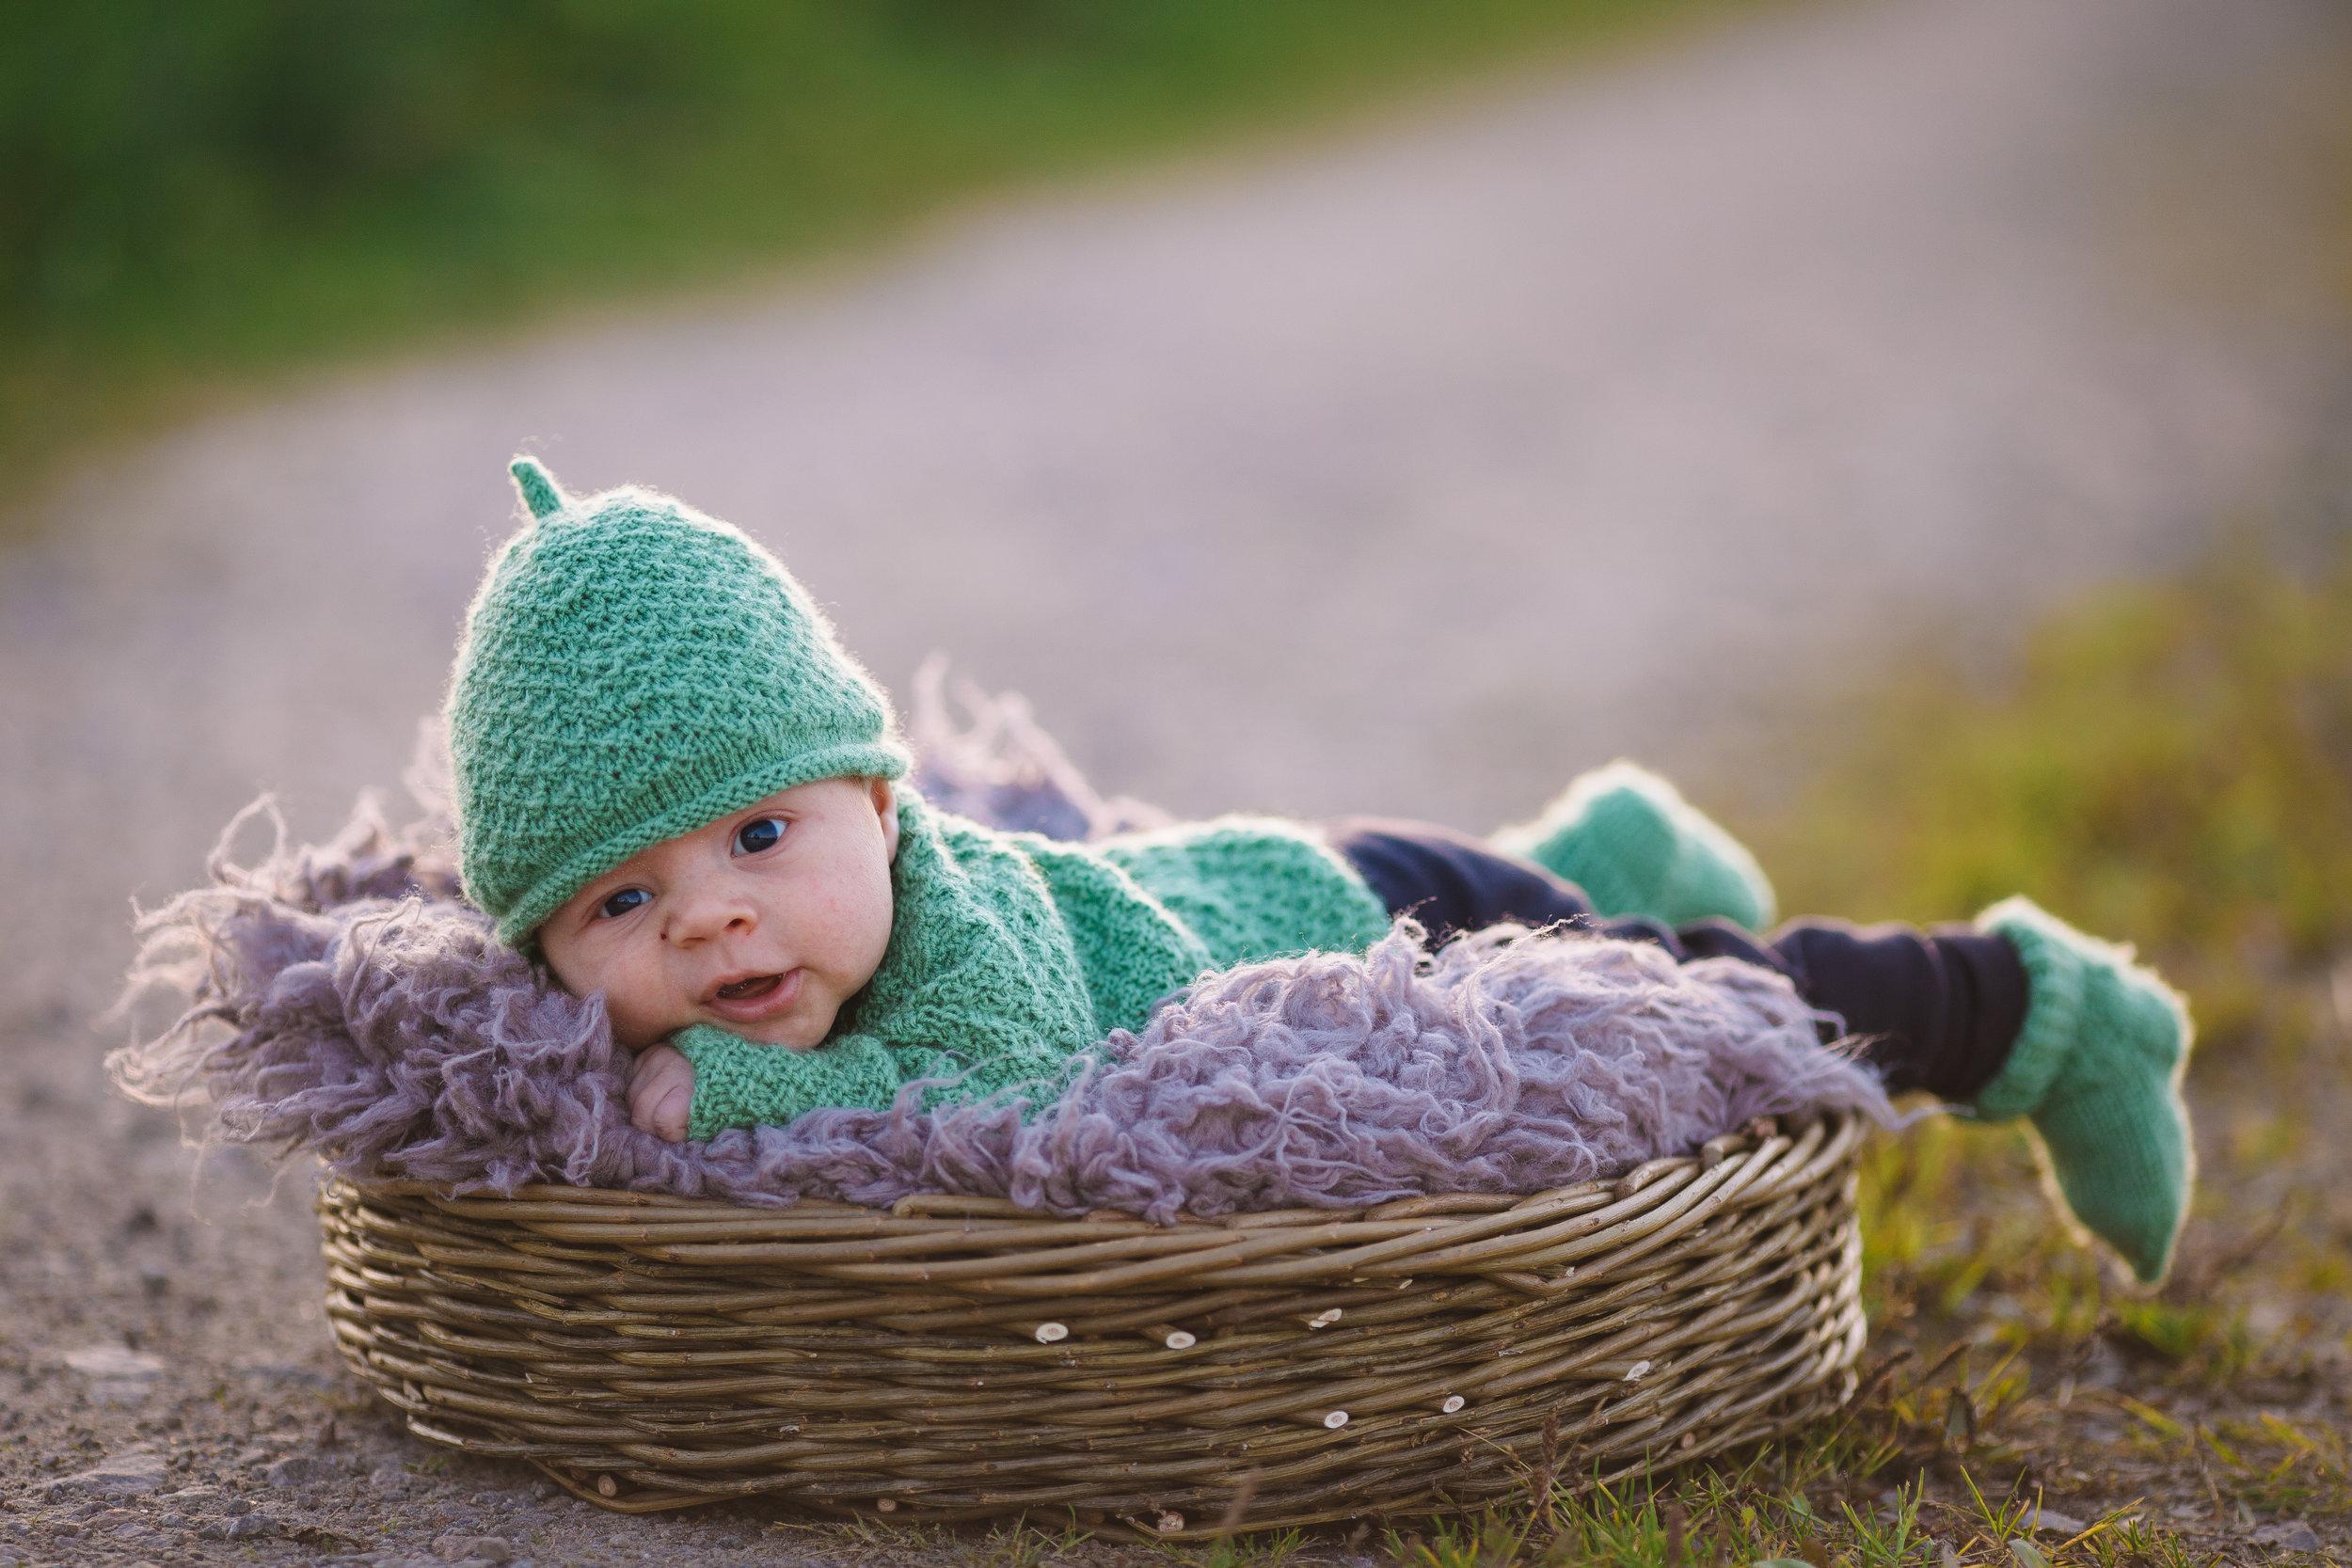 Lite Mose känsla över bilderna..en bebis…lite övergiven i en korg 😉